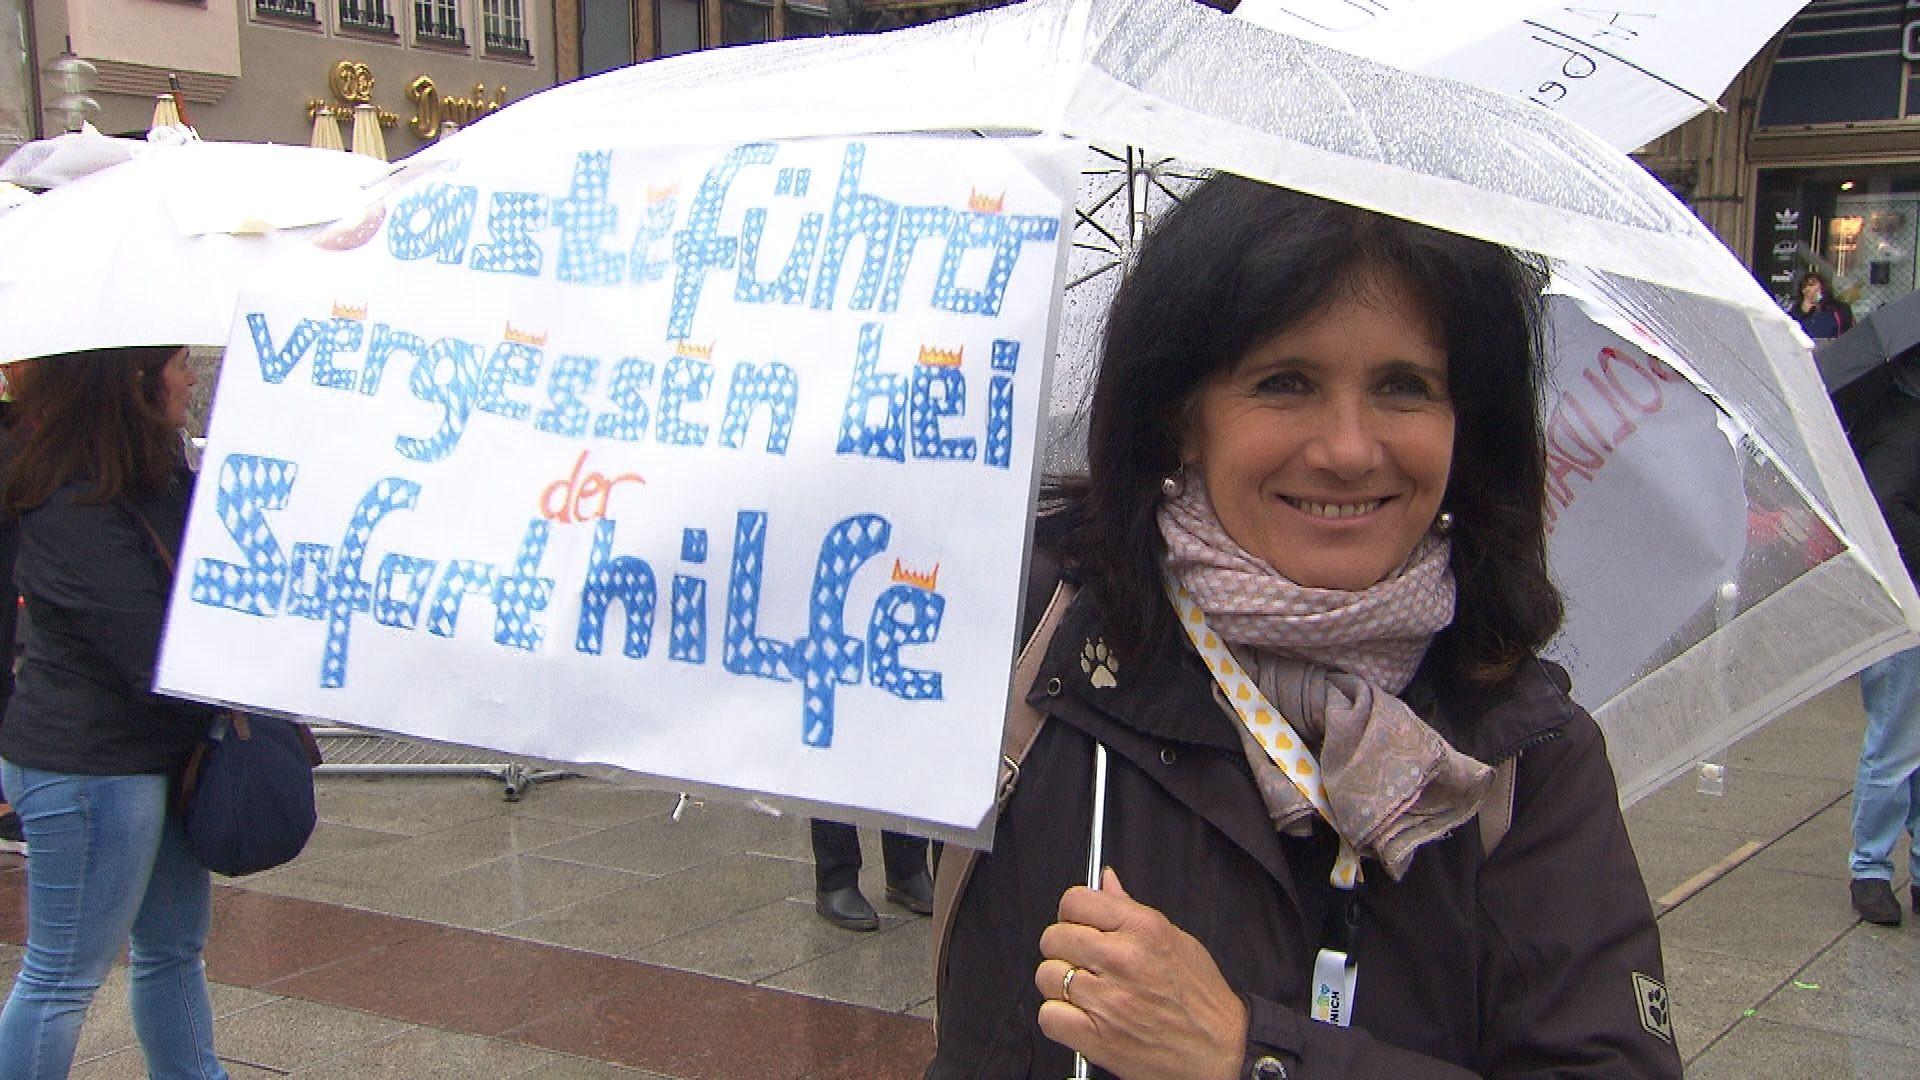 """Eine Frau steht im Regen, am Schirm ein Plakat mit der Aufschrift """"Gästeführer vergessen bei der Soforthilfe"""""""